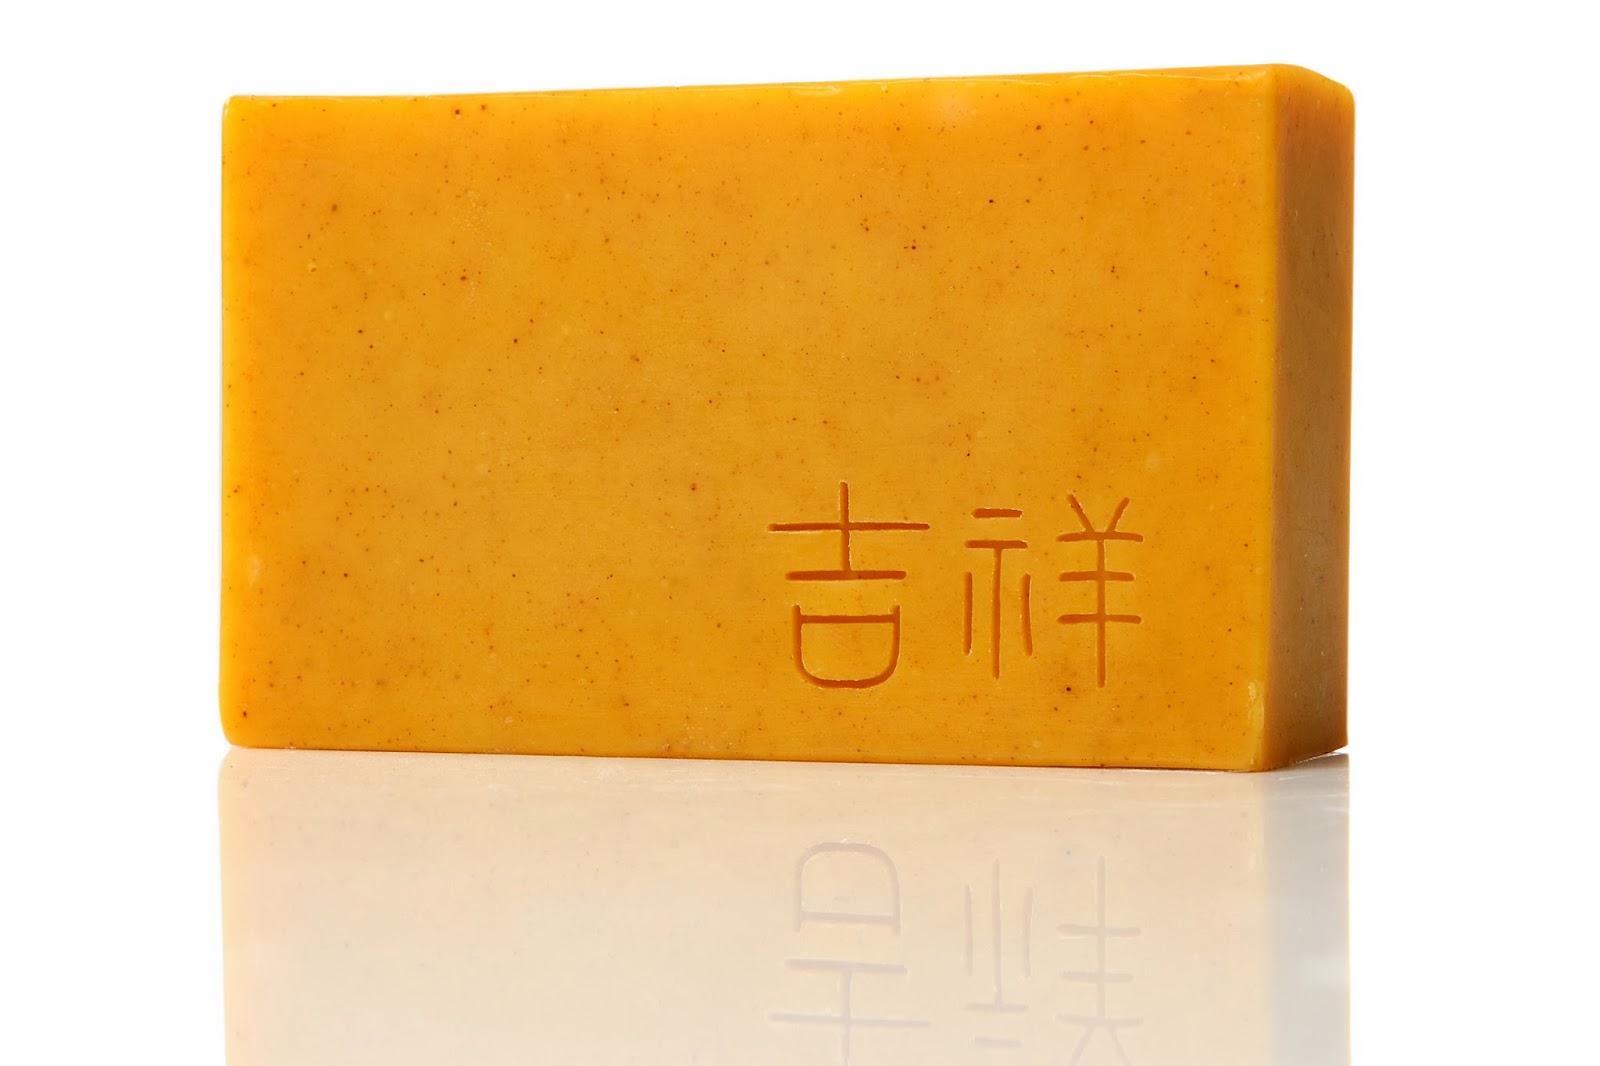 平 方 家: 固體皂系列/一般皂款/吉祥甜橙皂